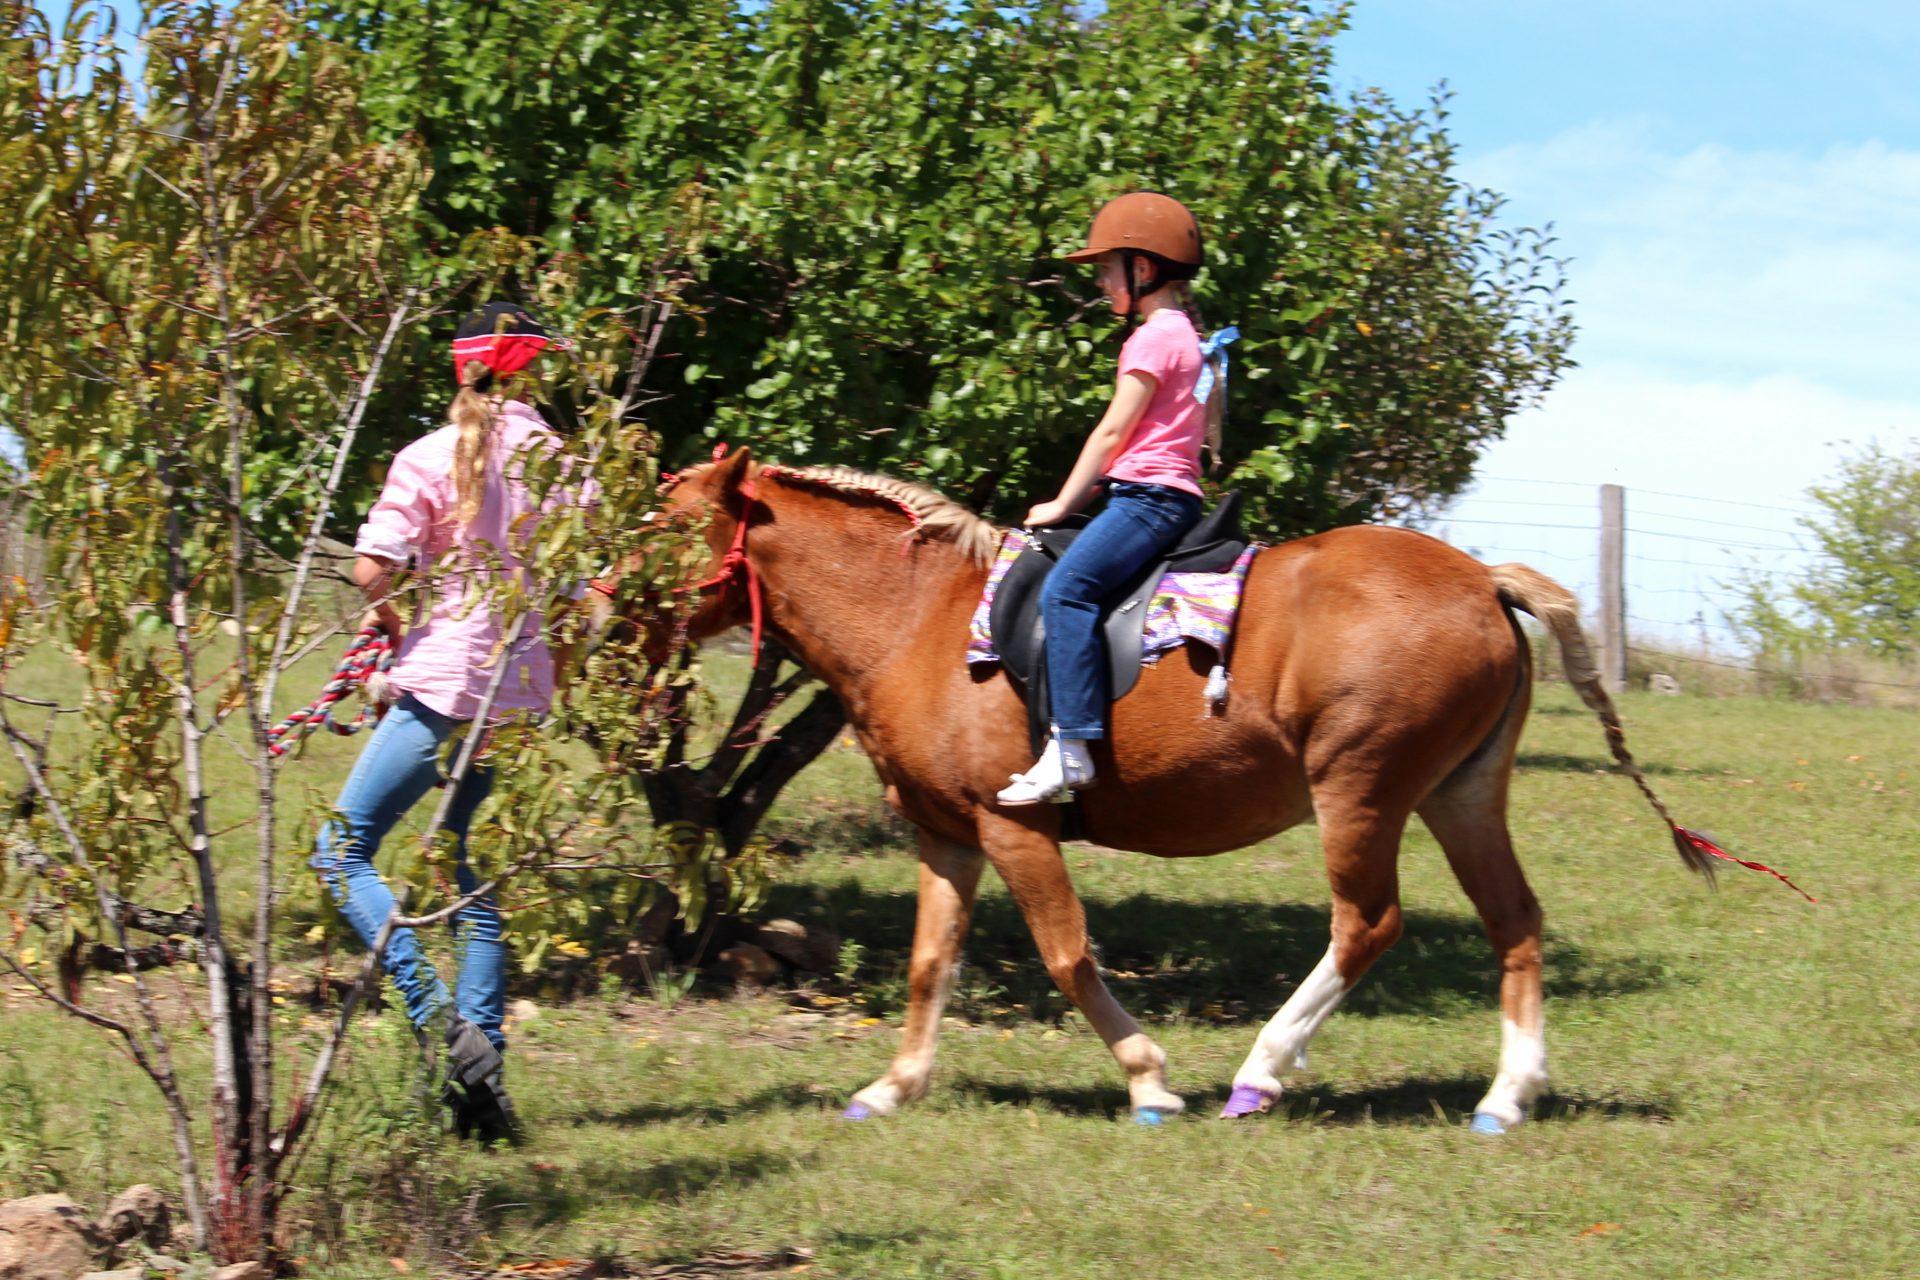 Girl Riding Chestnut Pony